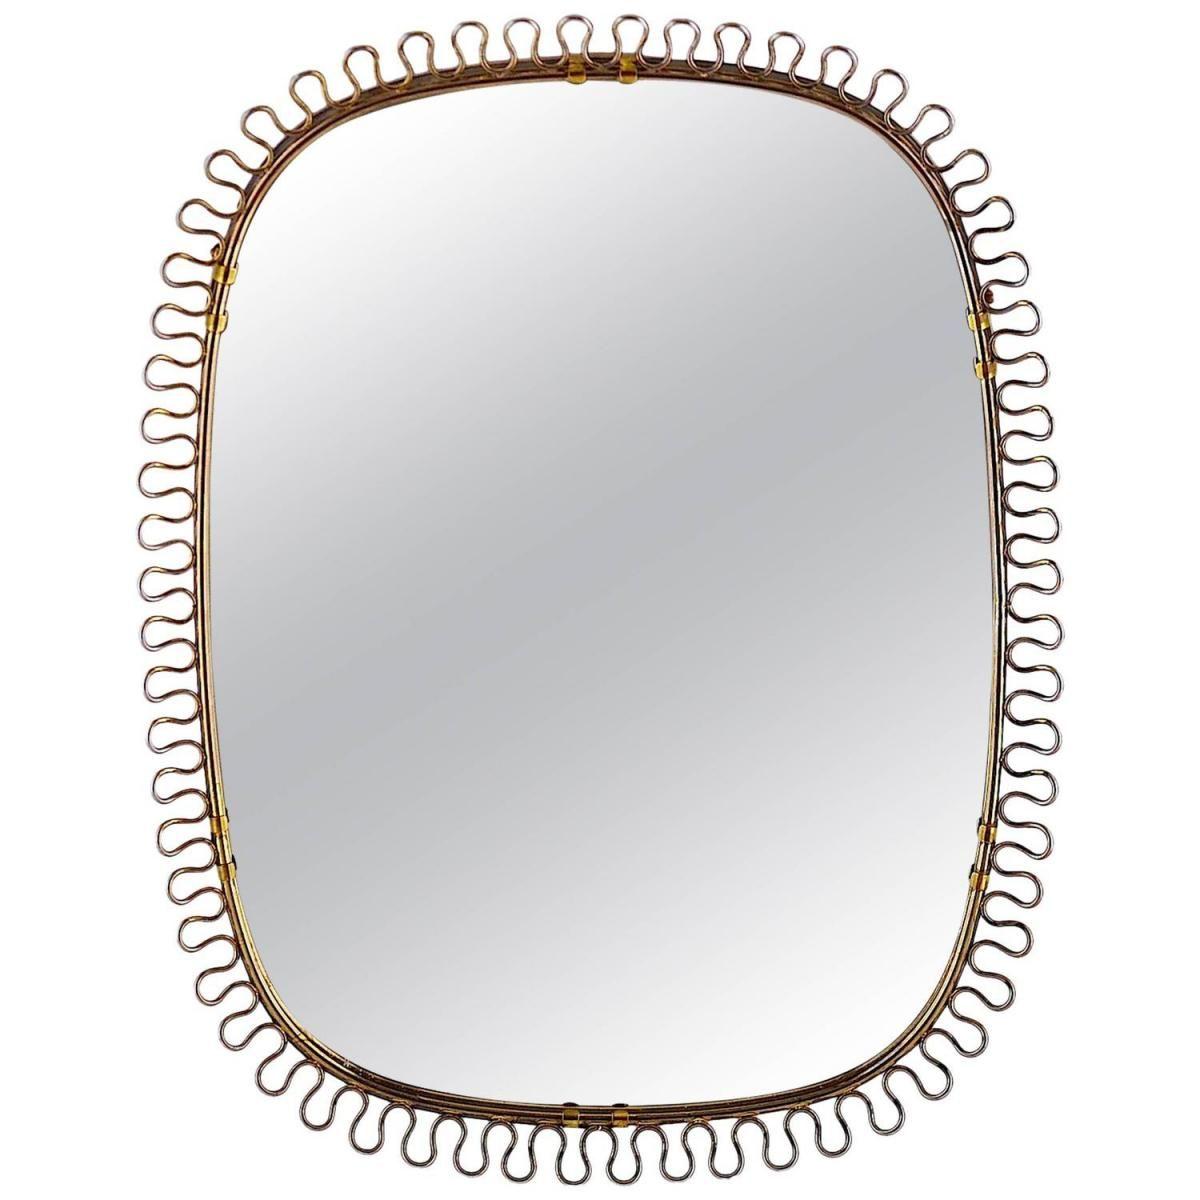 Messing Spiegel Designer Mobel Messing Beistelltisch Modernes